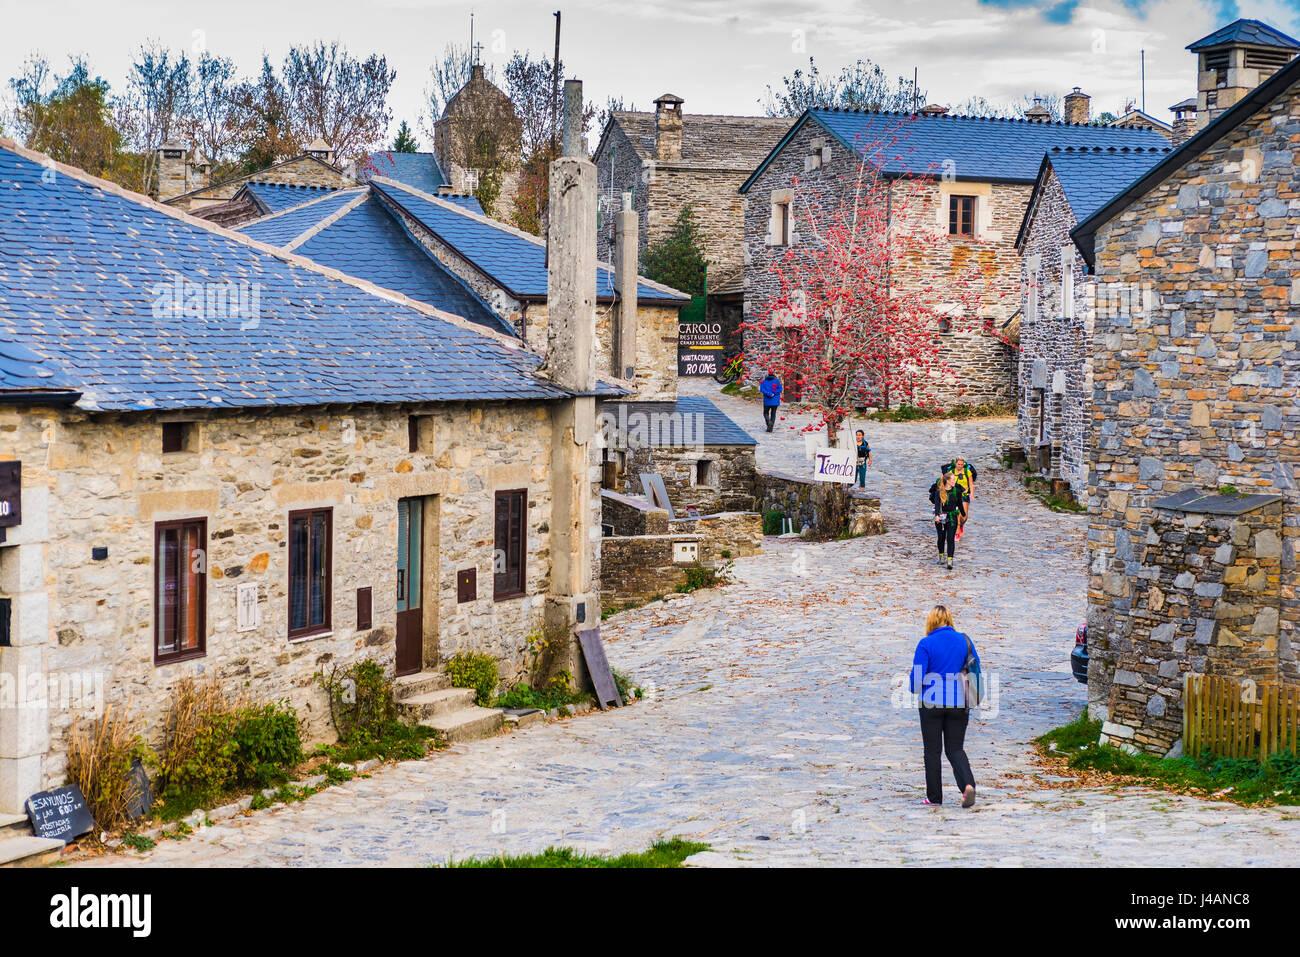 The historic village of O Cebreiro. Pedrafita do Cebreiro, O Cebreiro, Lugo, Galicia, Spain, Europe - Stock Image